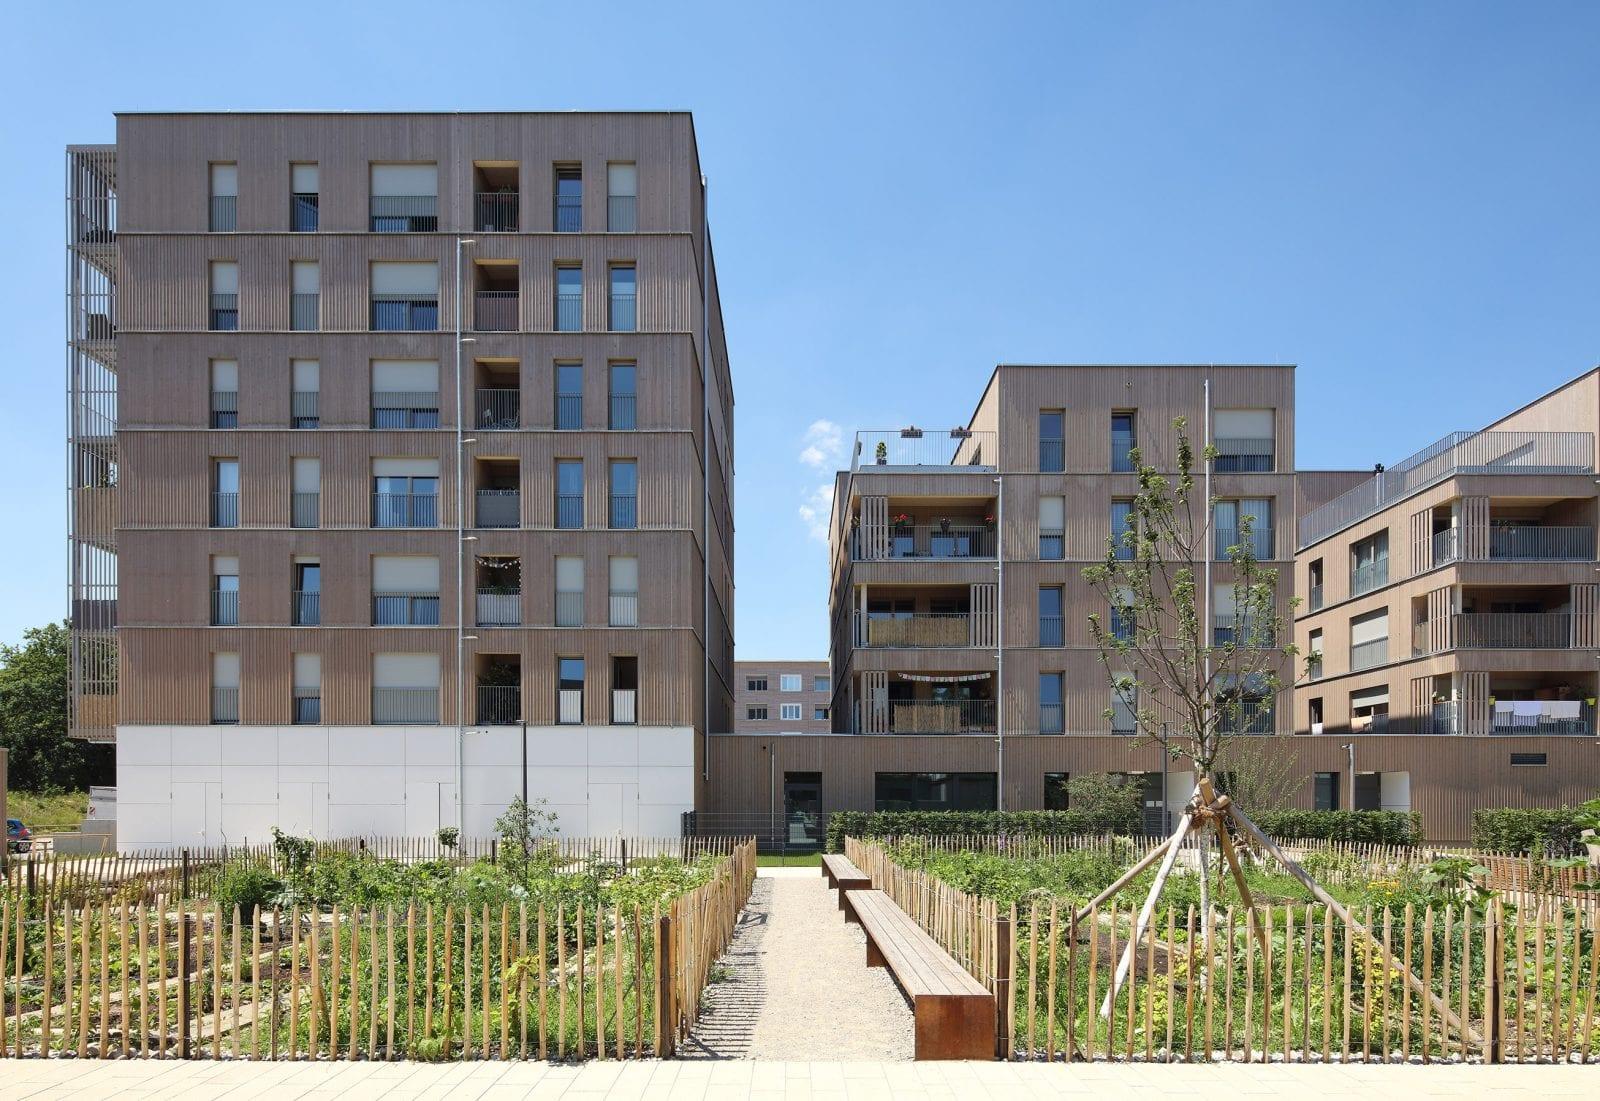 Von den 57 Wohnungen der GWG München werden 45 gefördert. Jeder der vier Baukörper verfügt über eine begrünte Dachfläche. (Foto: Conné van d'Grachten)